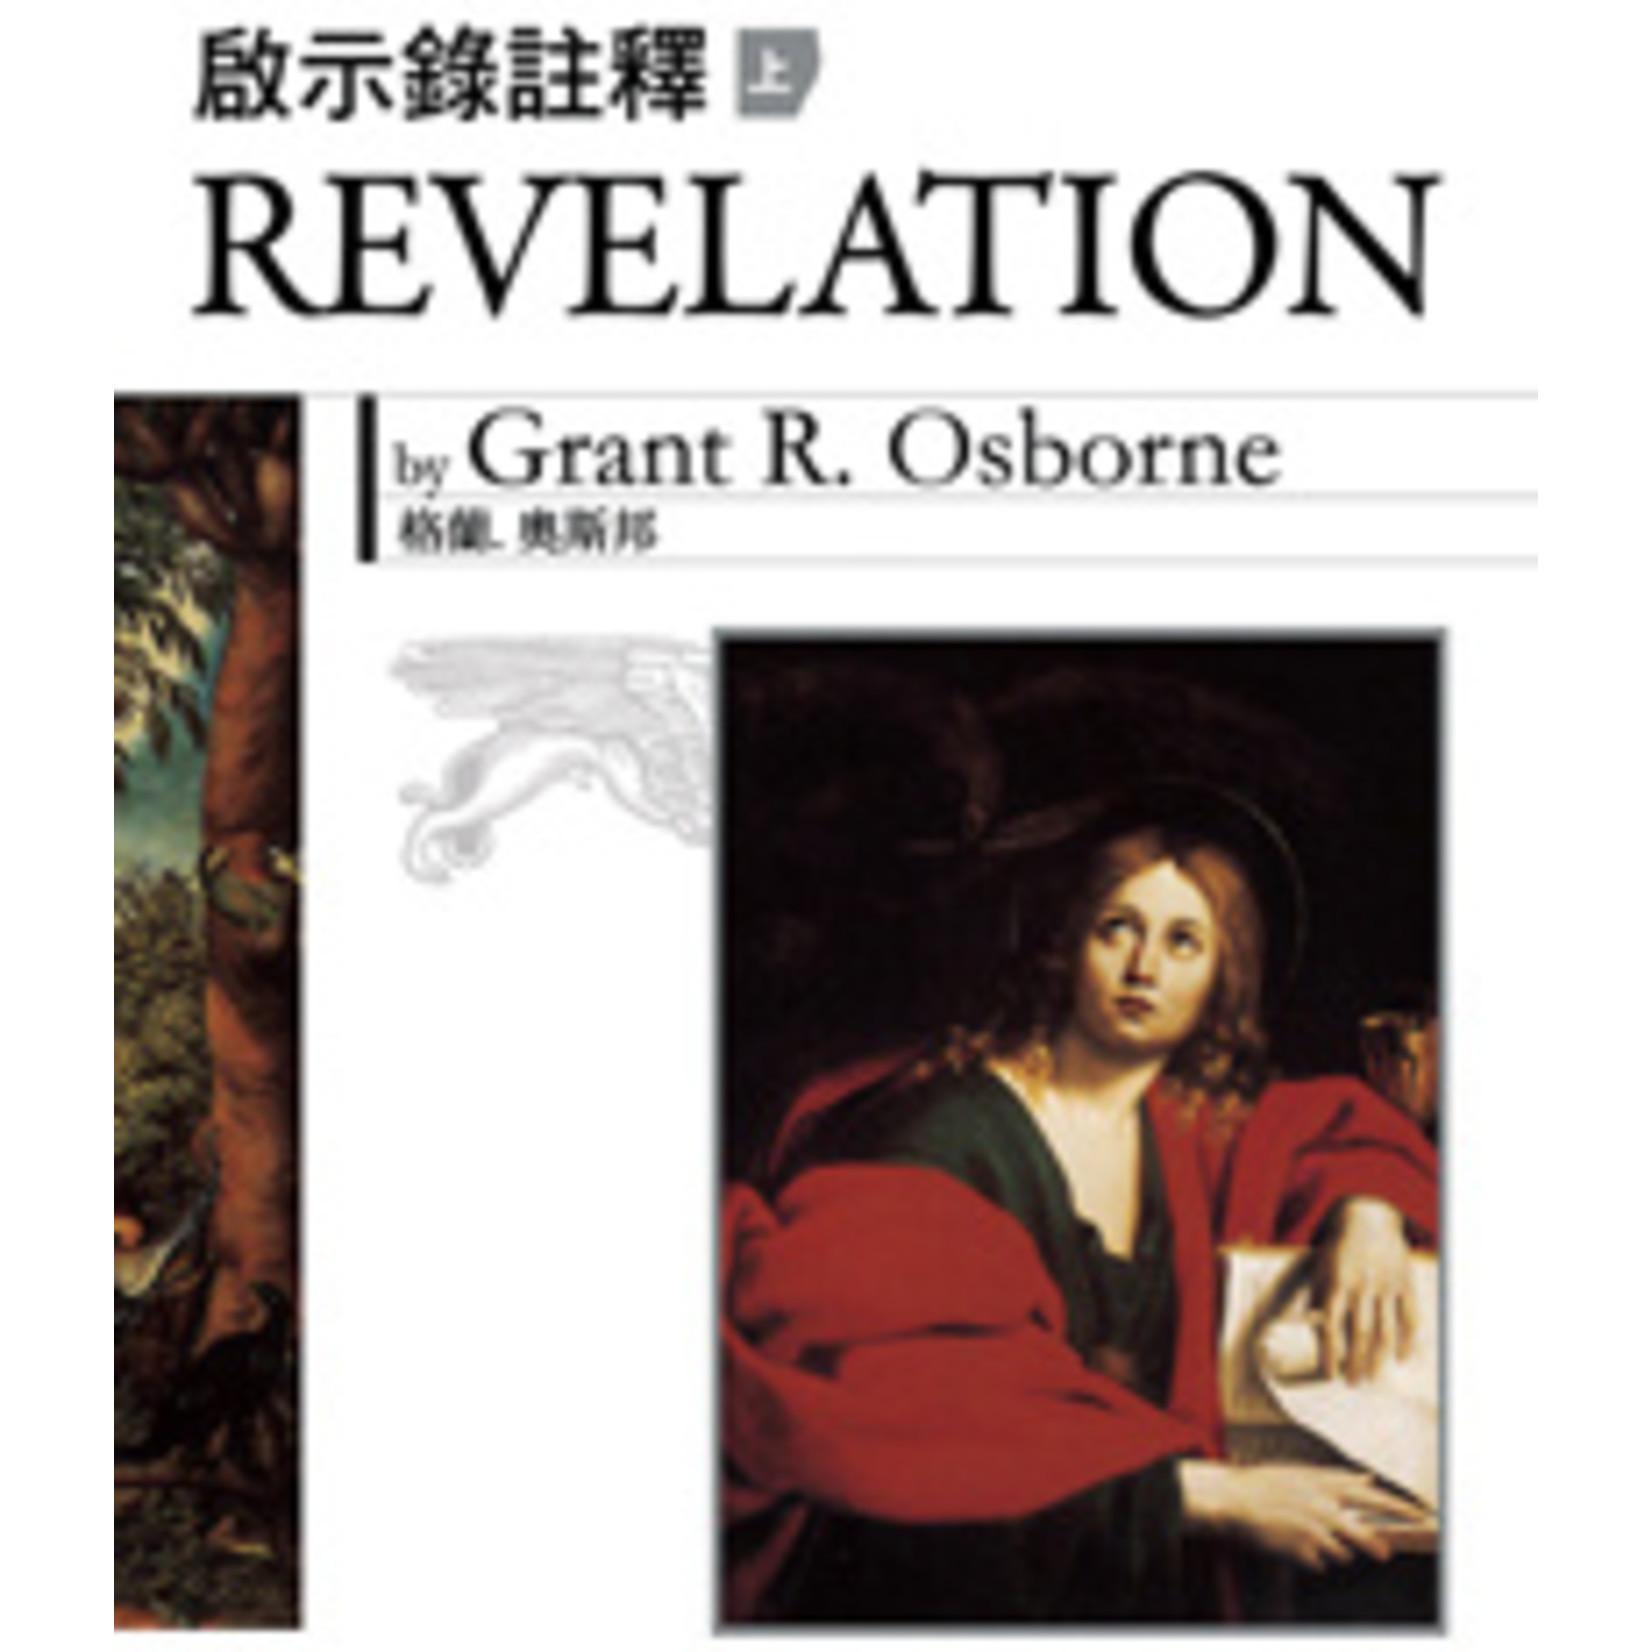 中華福音神學院 China Evangelical Seminary 啟示錄註釋(上) Revelation (vol. 1)